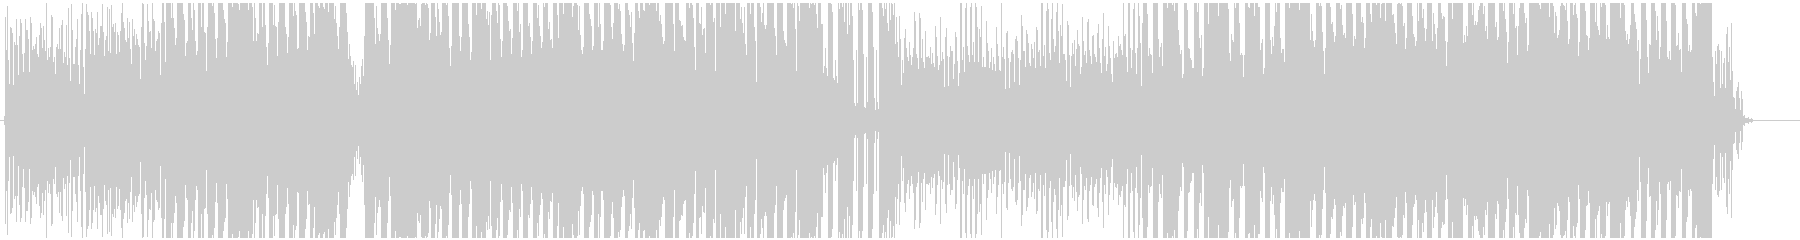 バスドラムの効いたややコミカルなテクノの未再生の波形